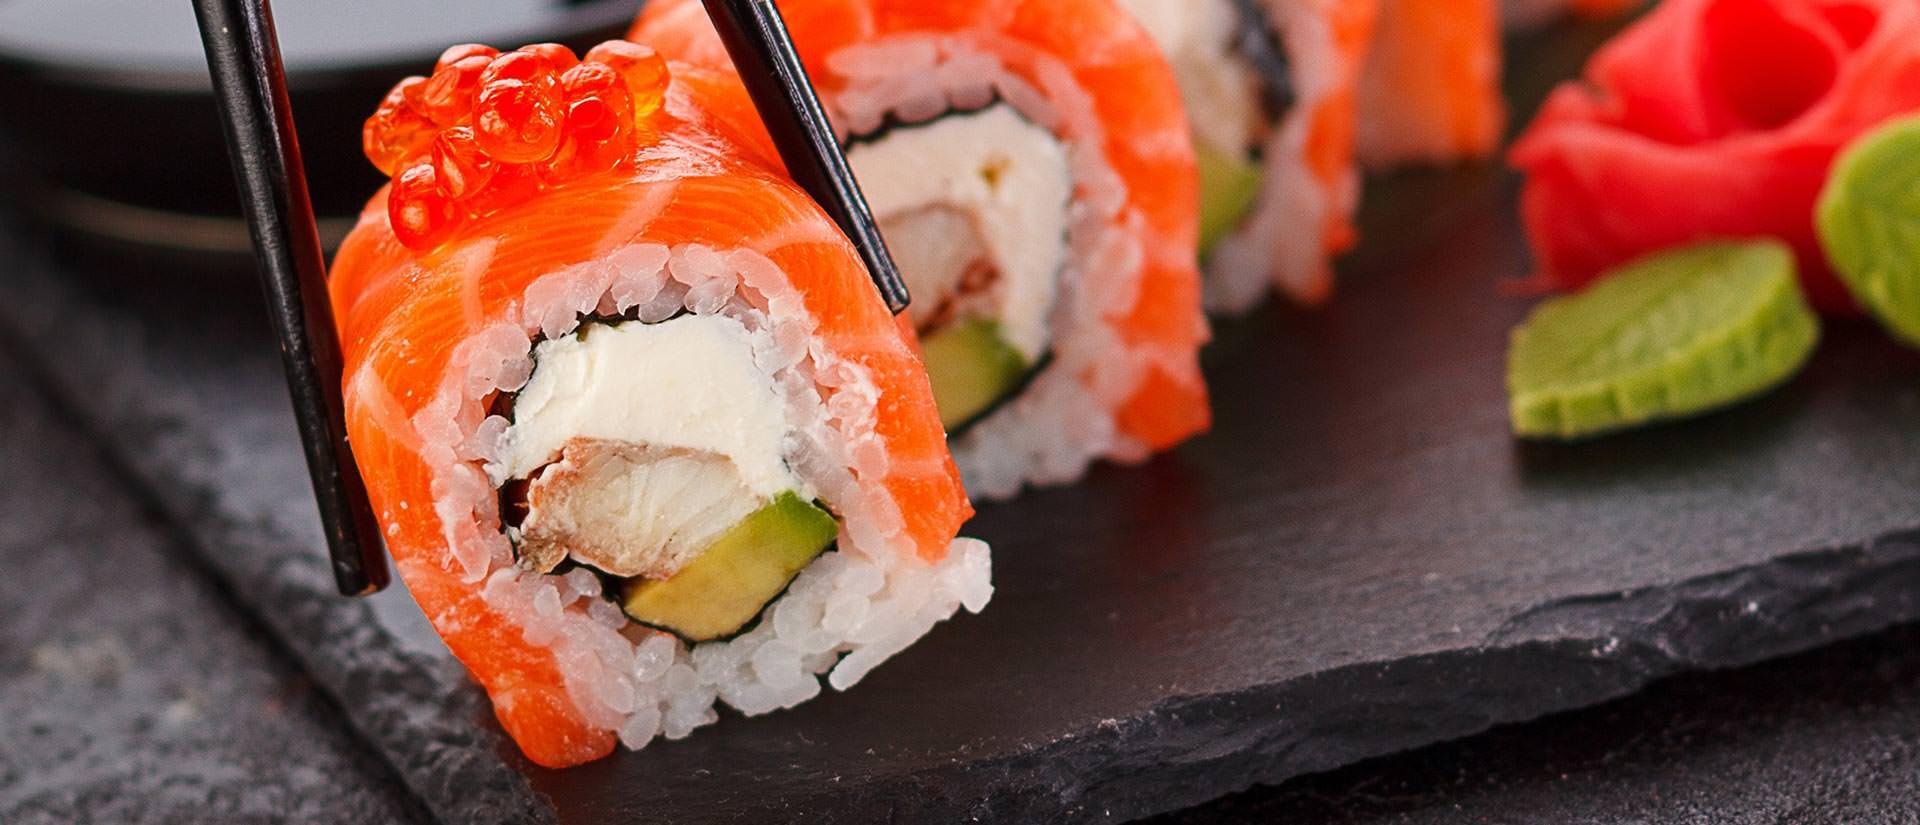 סושי ביפן - טרי, אסתטי וטעים